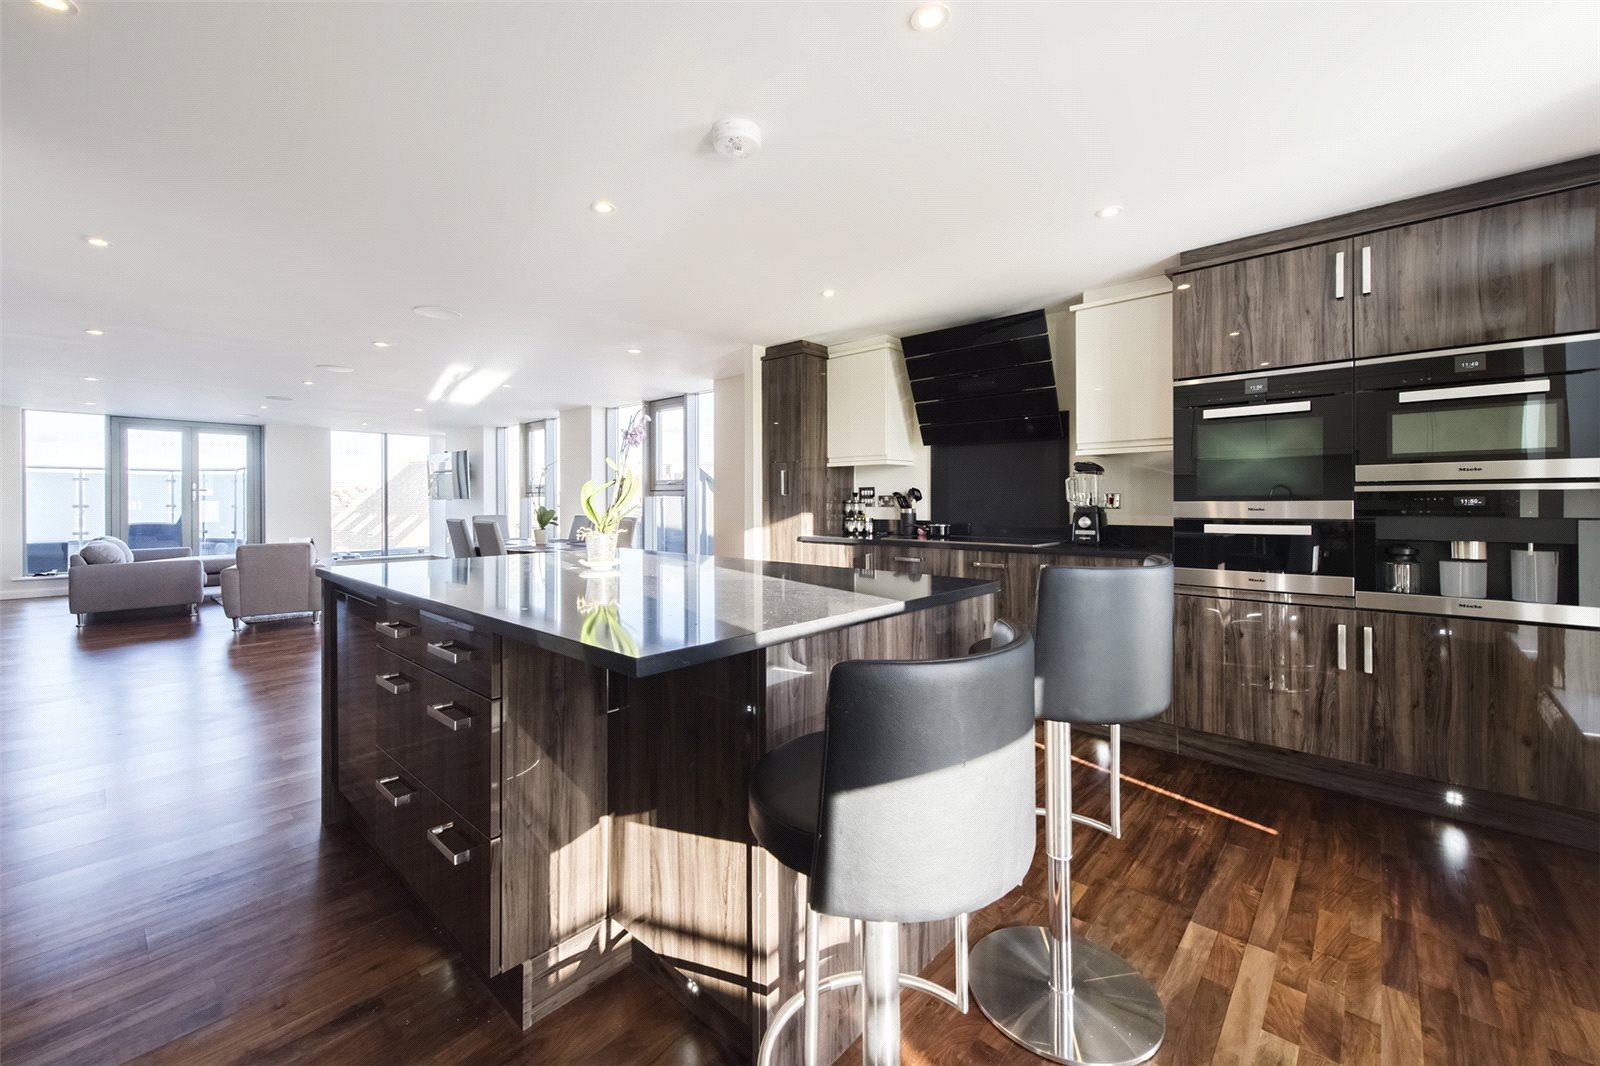 公寓 為 出售 在 Dungannon House, 15 Vanston Place, Fulham, London, SW6 Fulham, London, 英格蘭